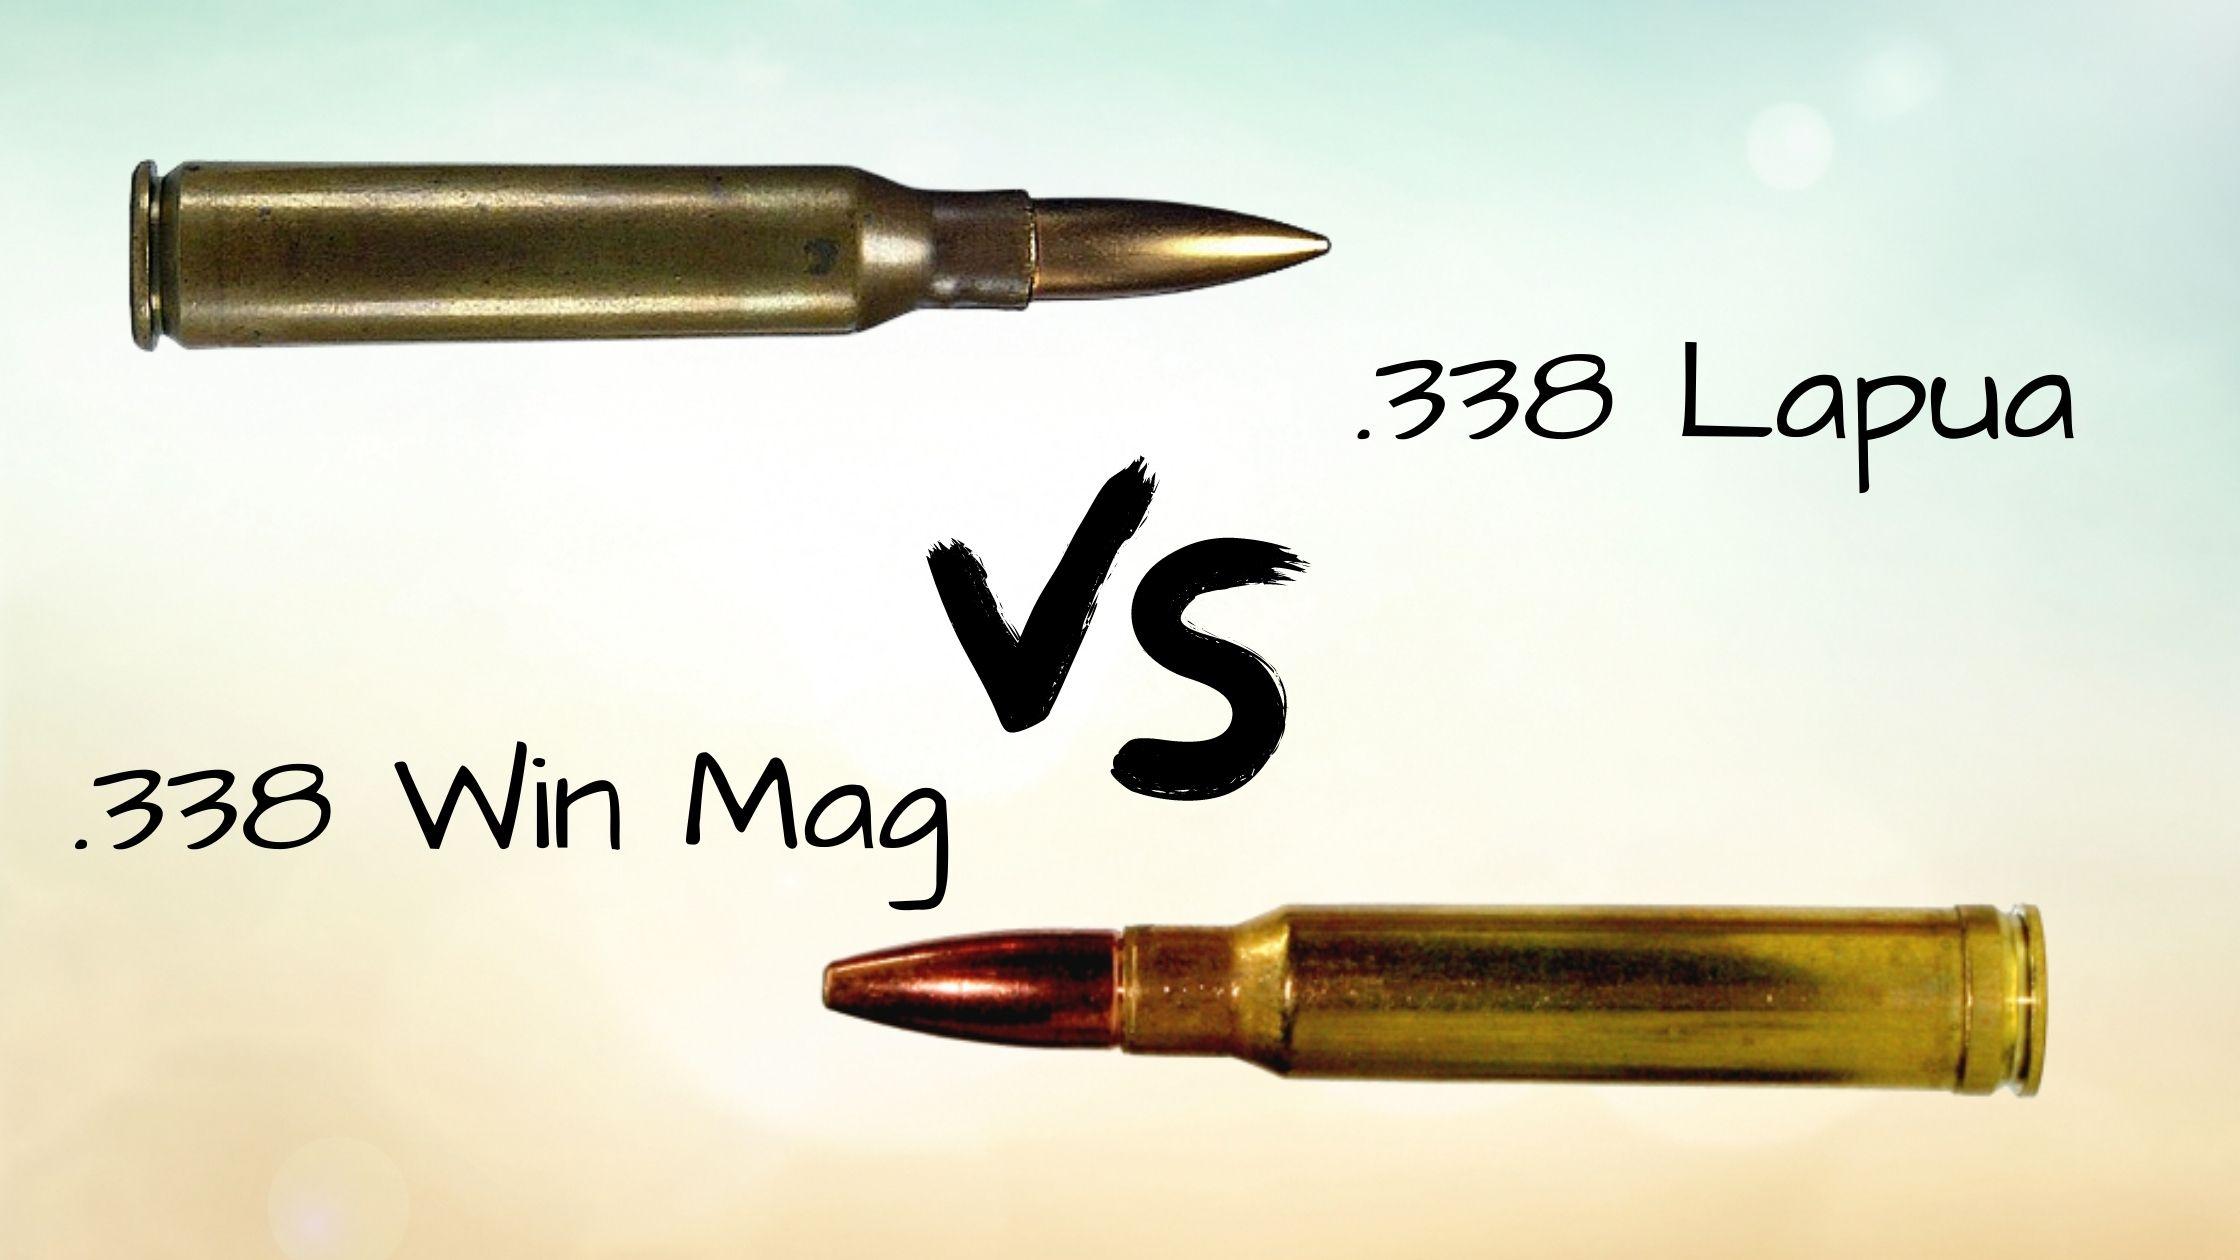 338 Lapua vs 338 Win Mag